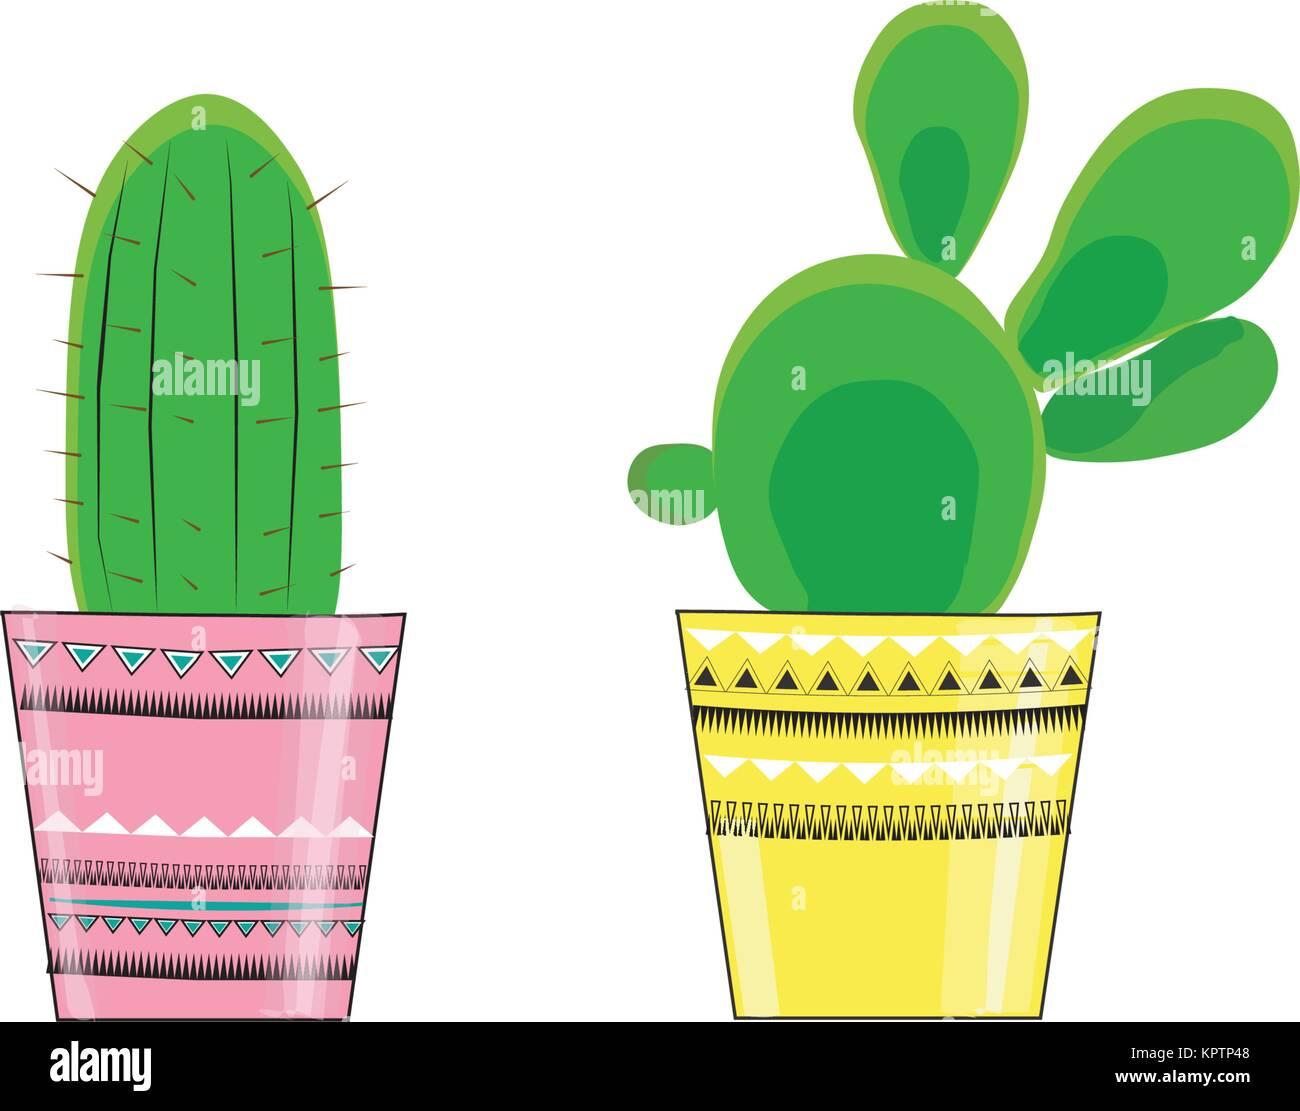 Illustrazione vettoriale delle tre cactus in vasi con un messaggio di vita e di cactus. Immagini Stock